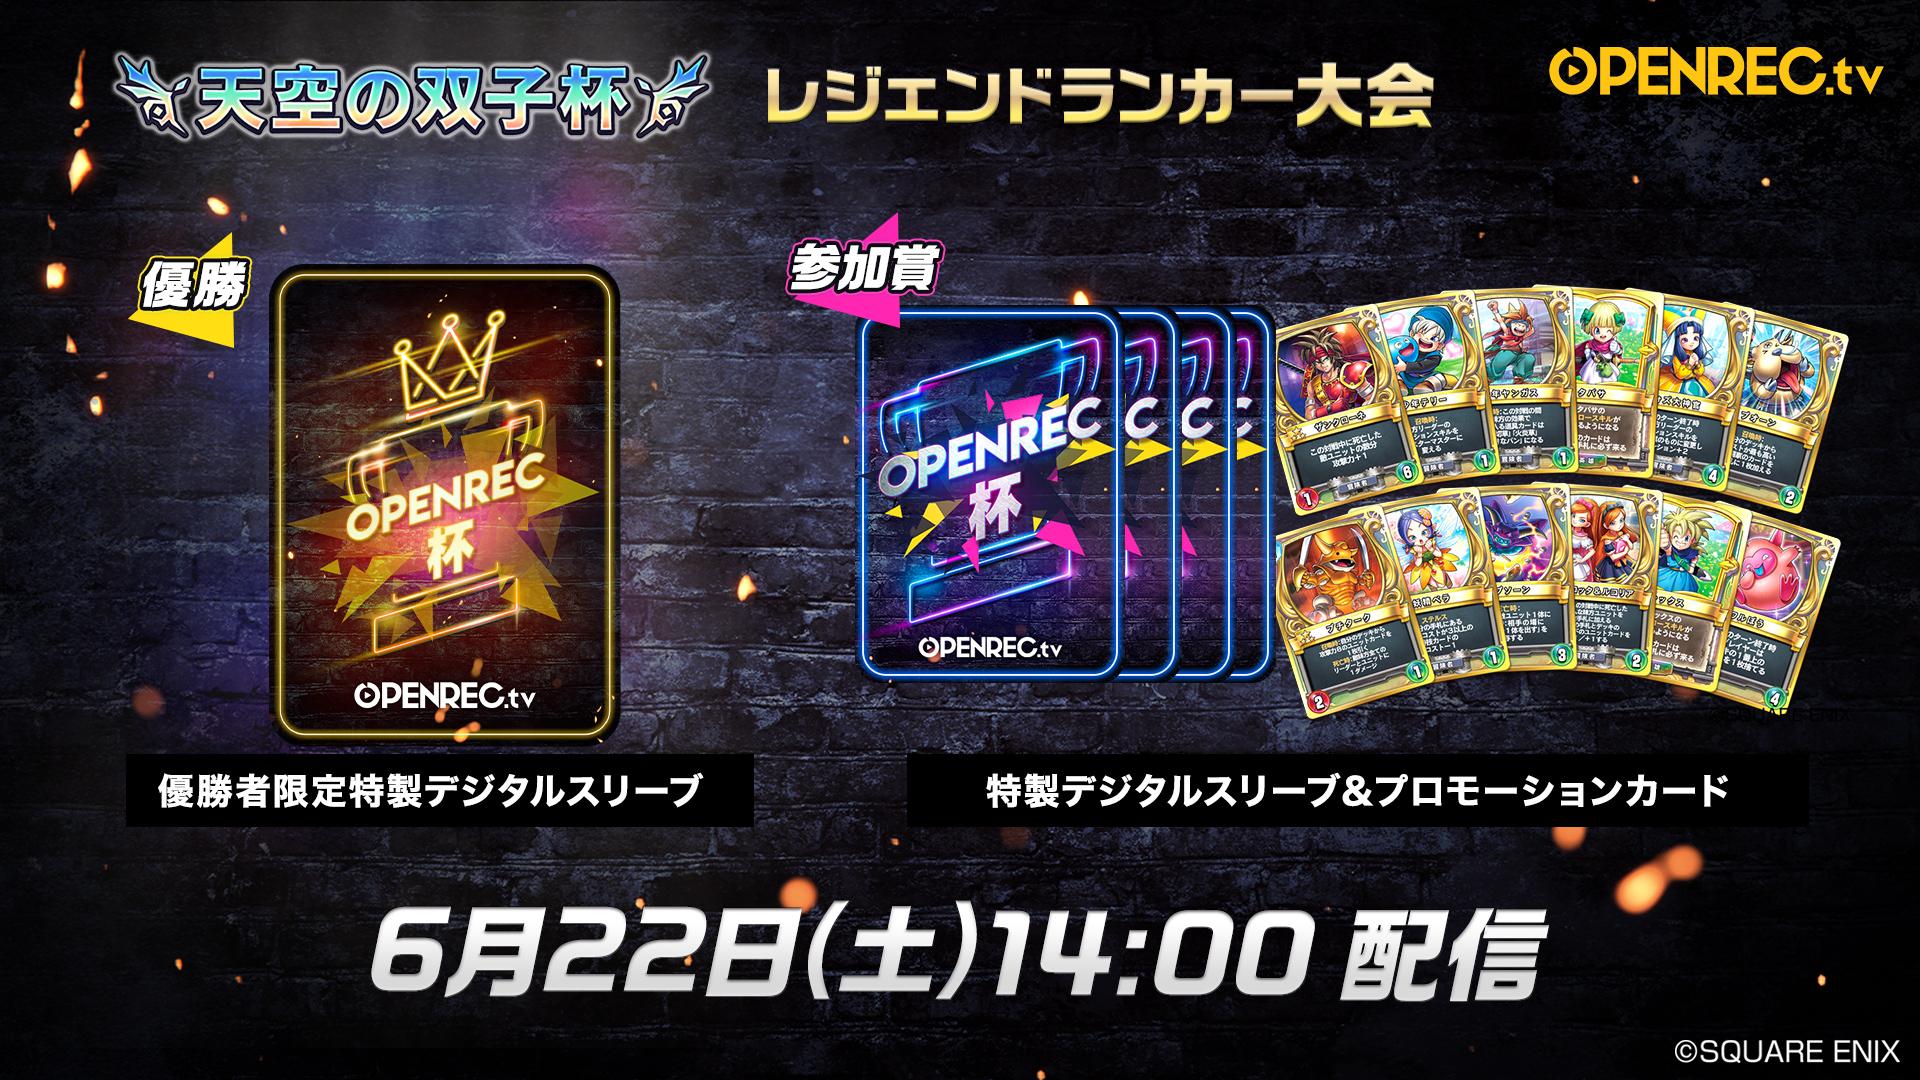 『ドラゴンクエストライバルズ』公認大会「OPENREC杯」 ~5月度ランクマッチ「天空の双子杯」~